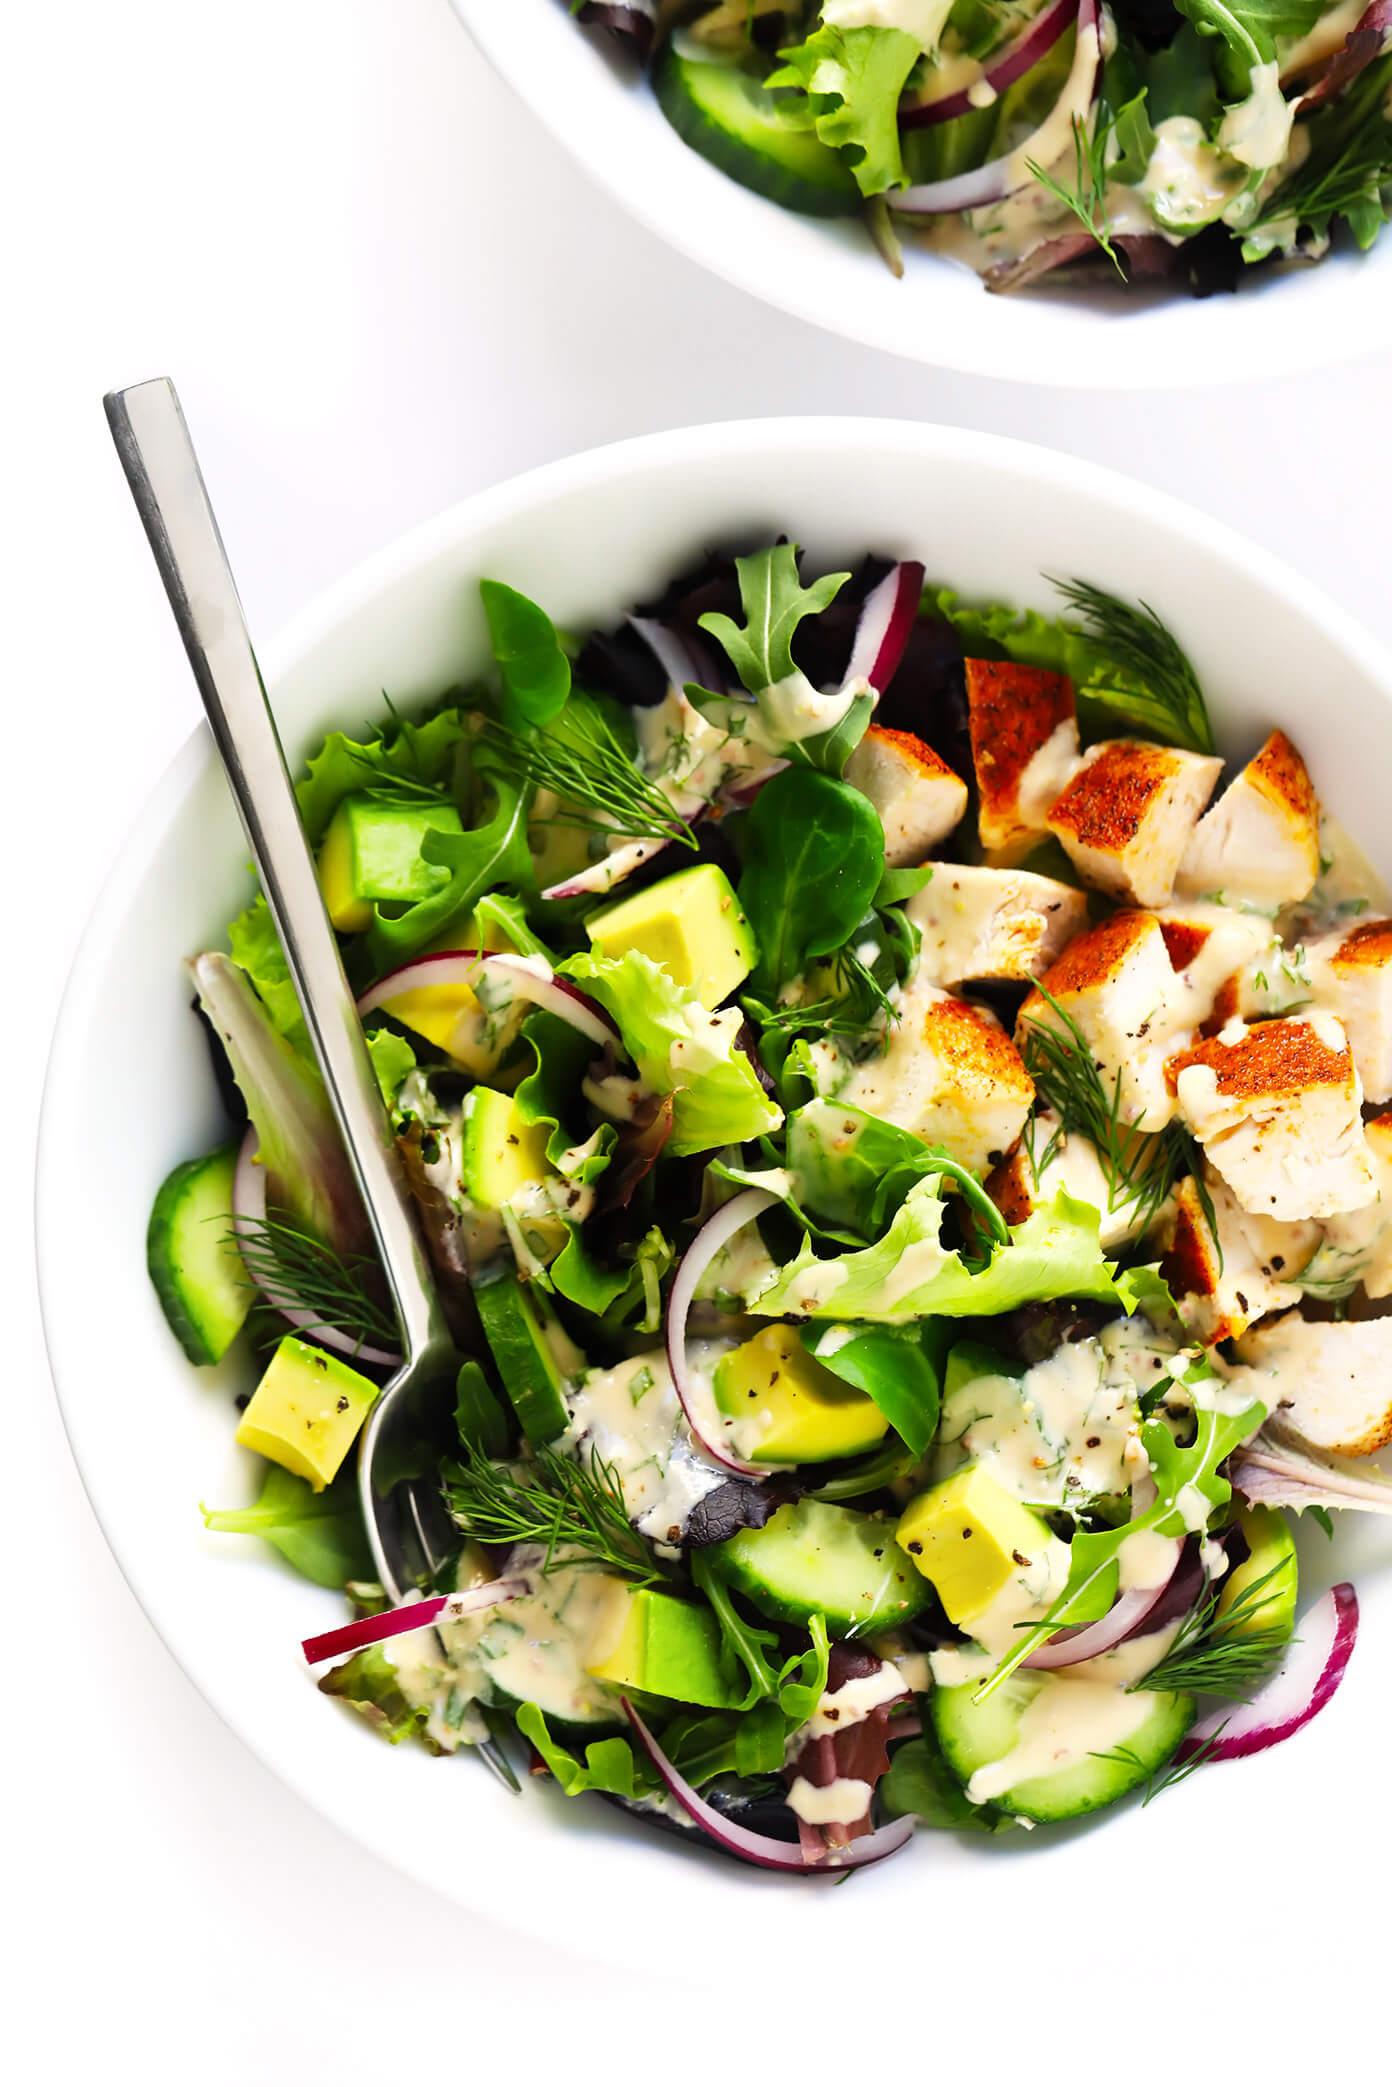 Tahini Ranch Avocado Chicken Salad